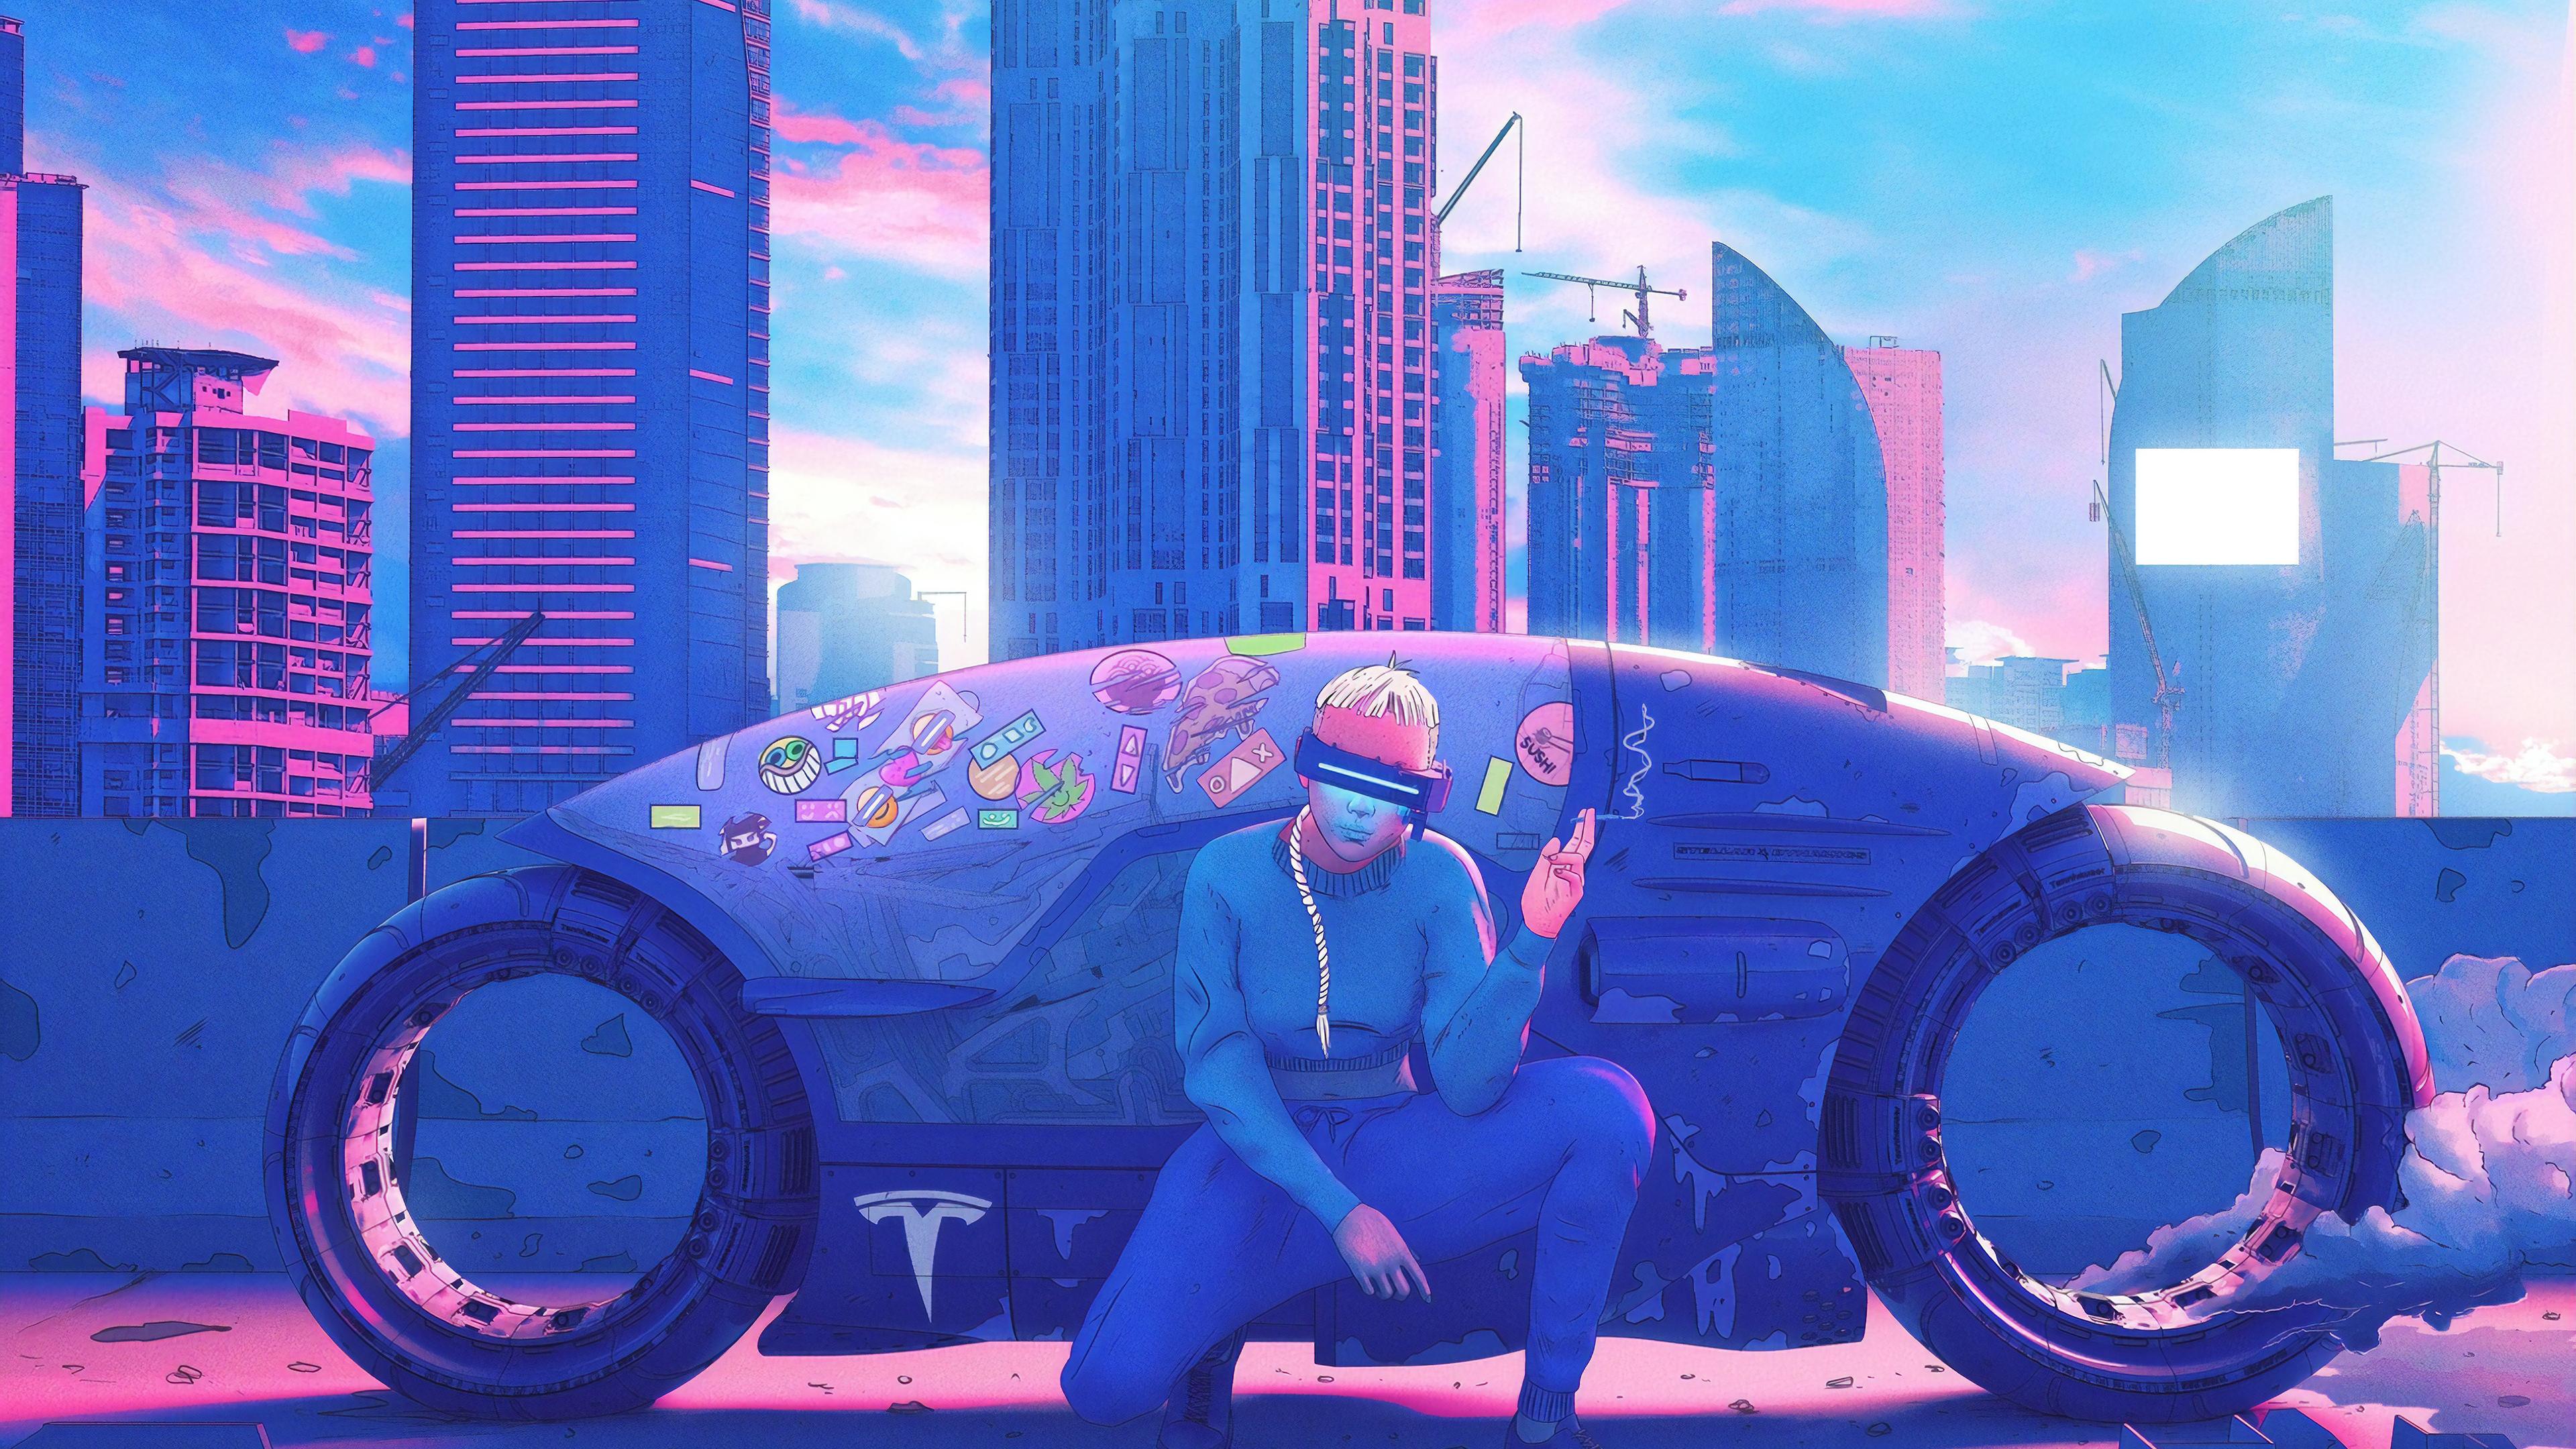 cyberpunk biker rider 4k 1560535263 - Cyberpunk Biker Rider 4k - smoking wallpapers, hd-wallpapers, digital art wallpapers, cyberpunk wallpapers, biker wallpapers, artwork wallpapers, artist wallpapers, 4k-wallpapers